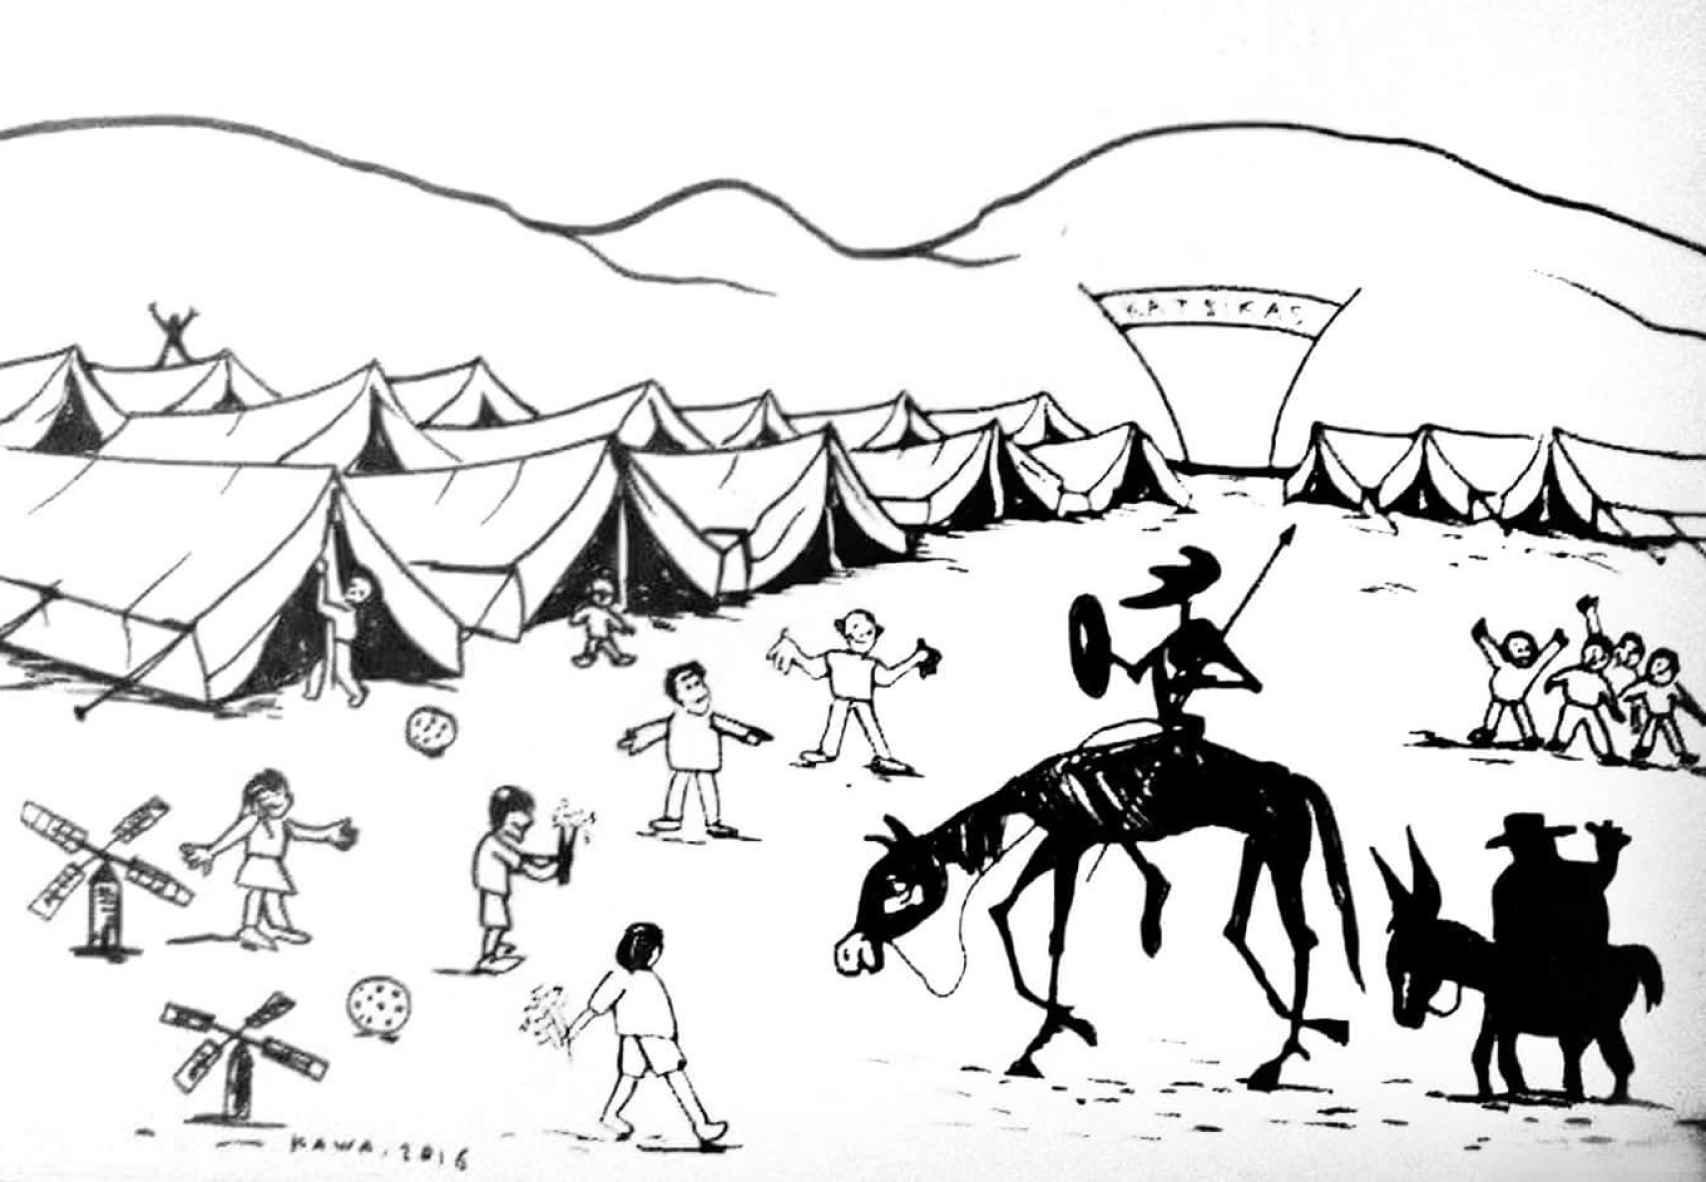 Dibujo de Kawa, uno de los refugiados.